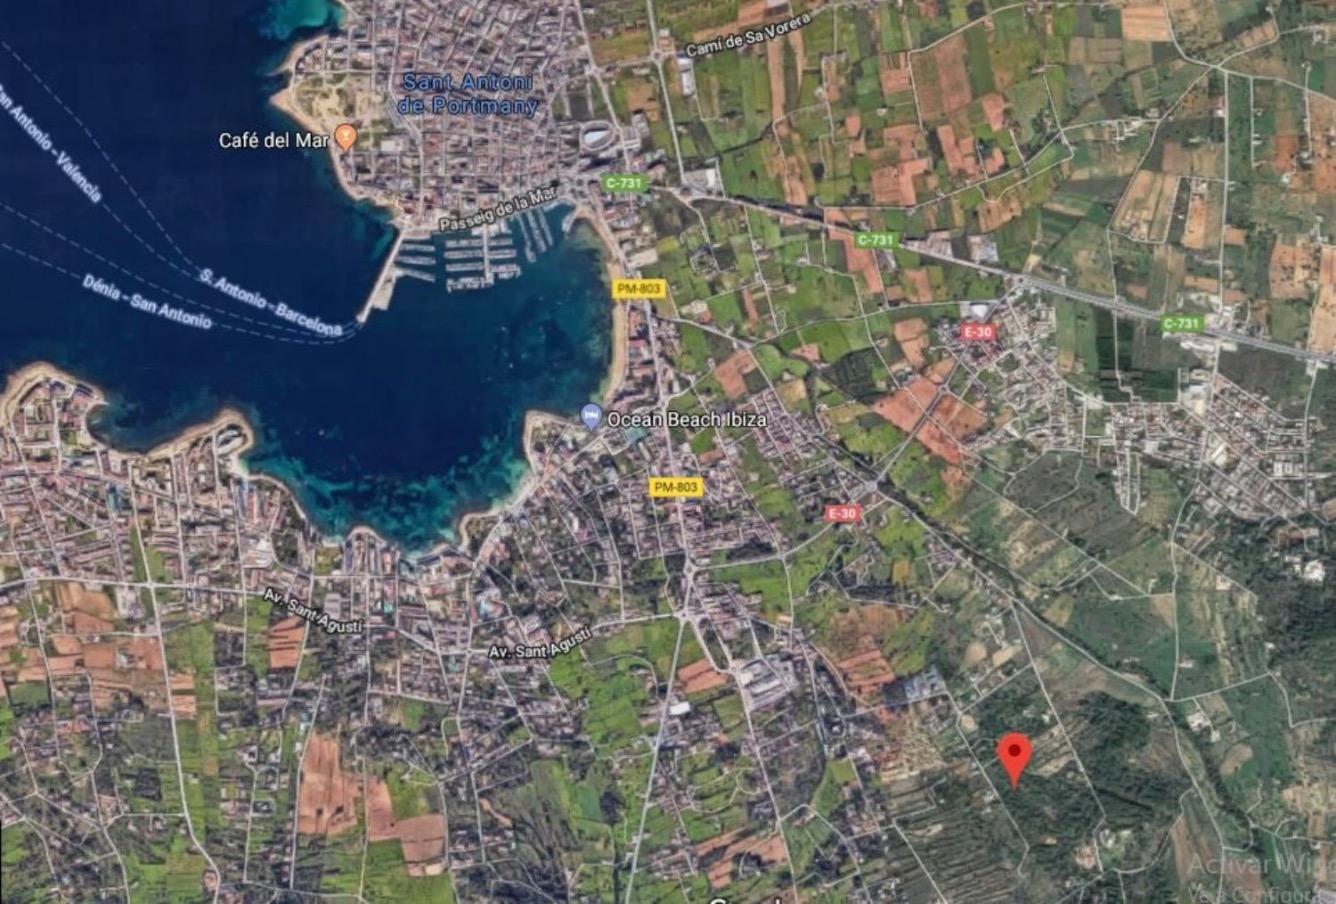 Urban plot  Sant antoni de portmany, zona de - Sant Antoni de Portmany